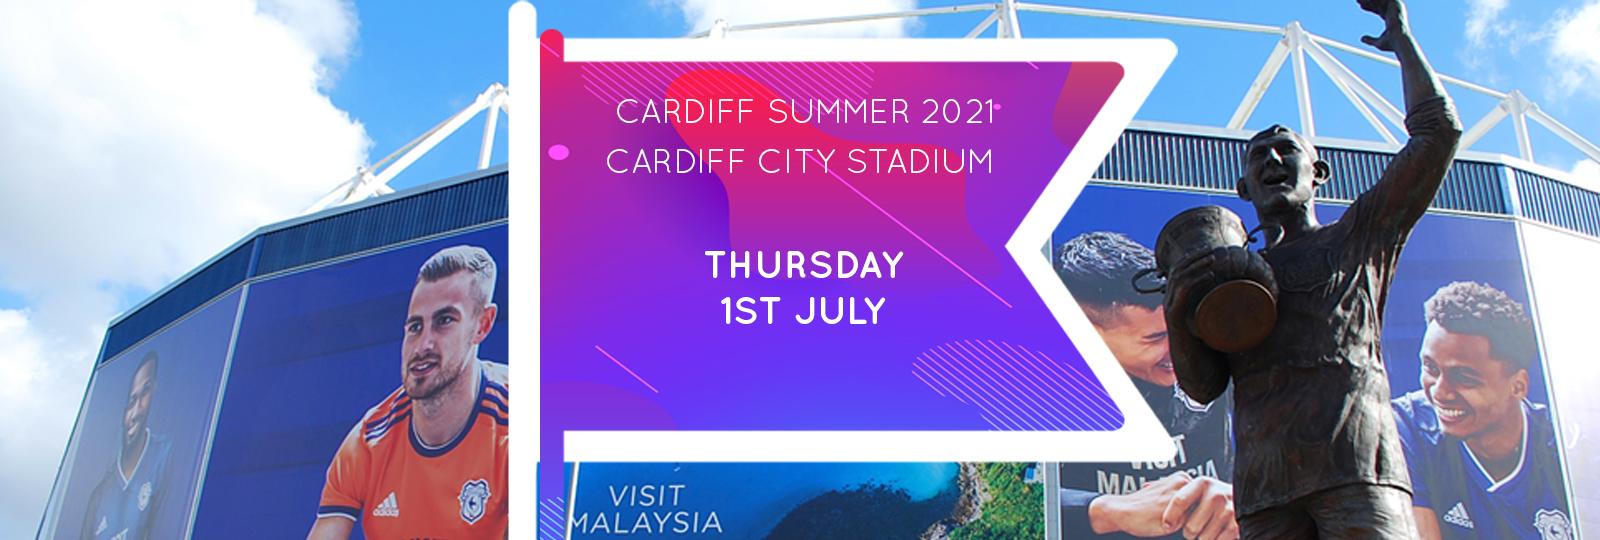 Cardiff 2021 Fair